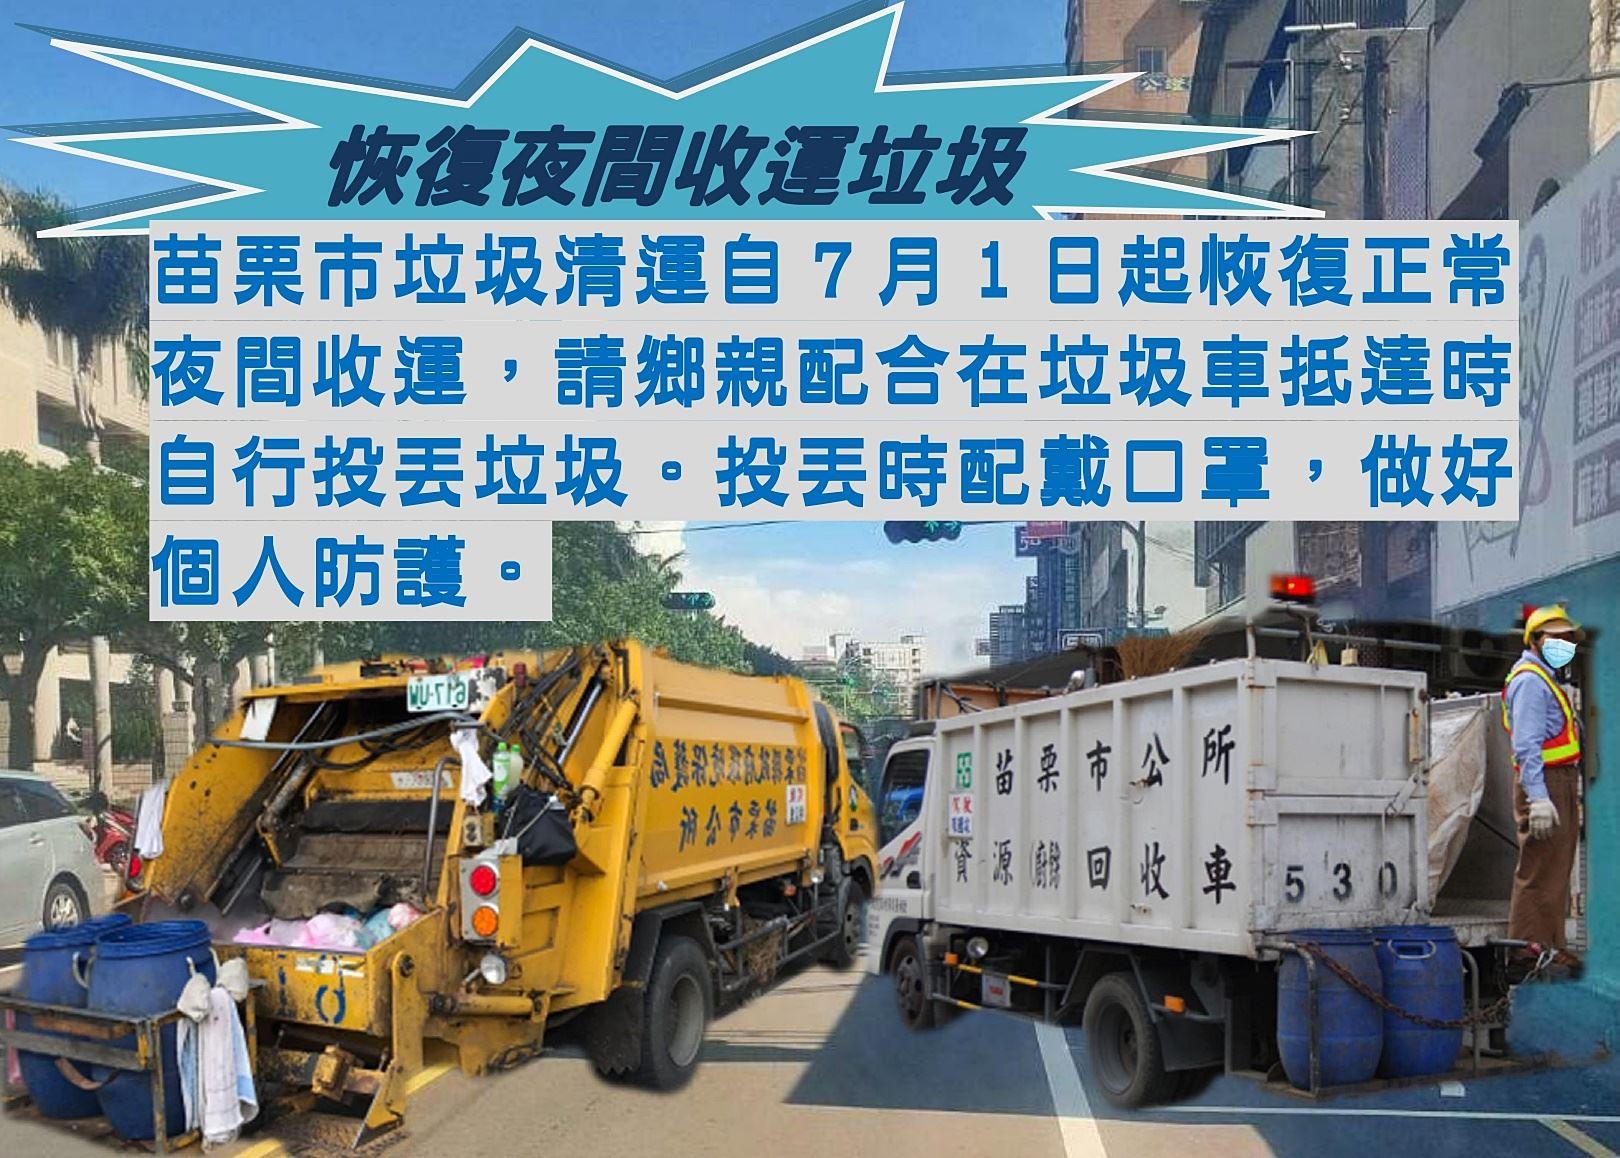 清潔隊7月1日(星期四)起恢復夜間收運垃圾